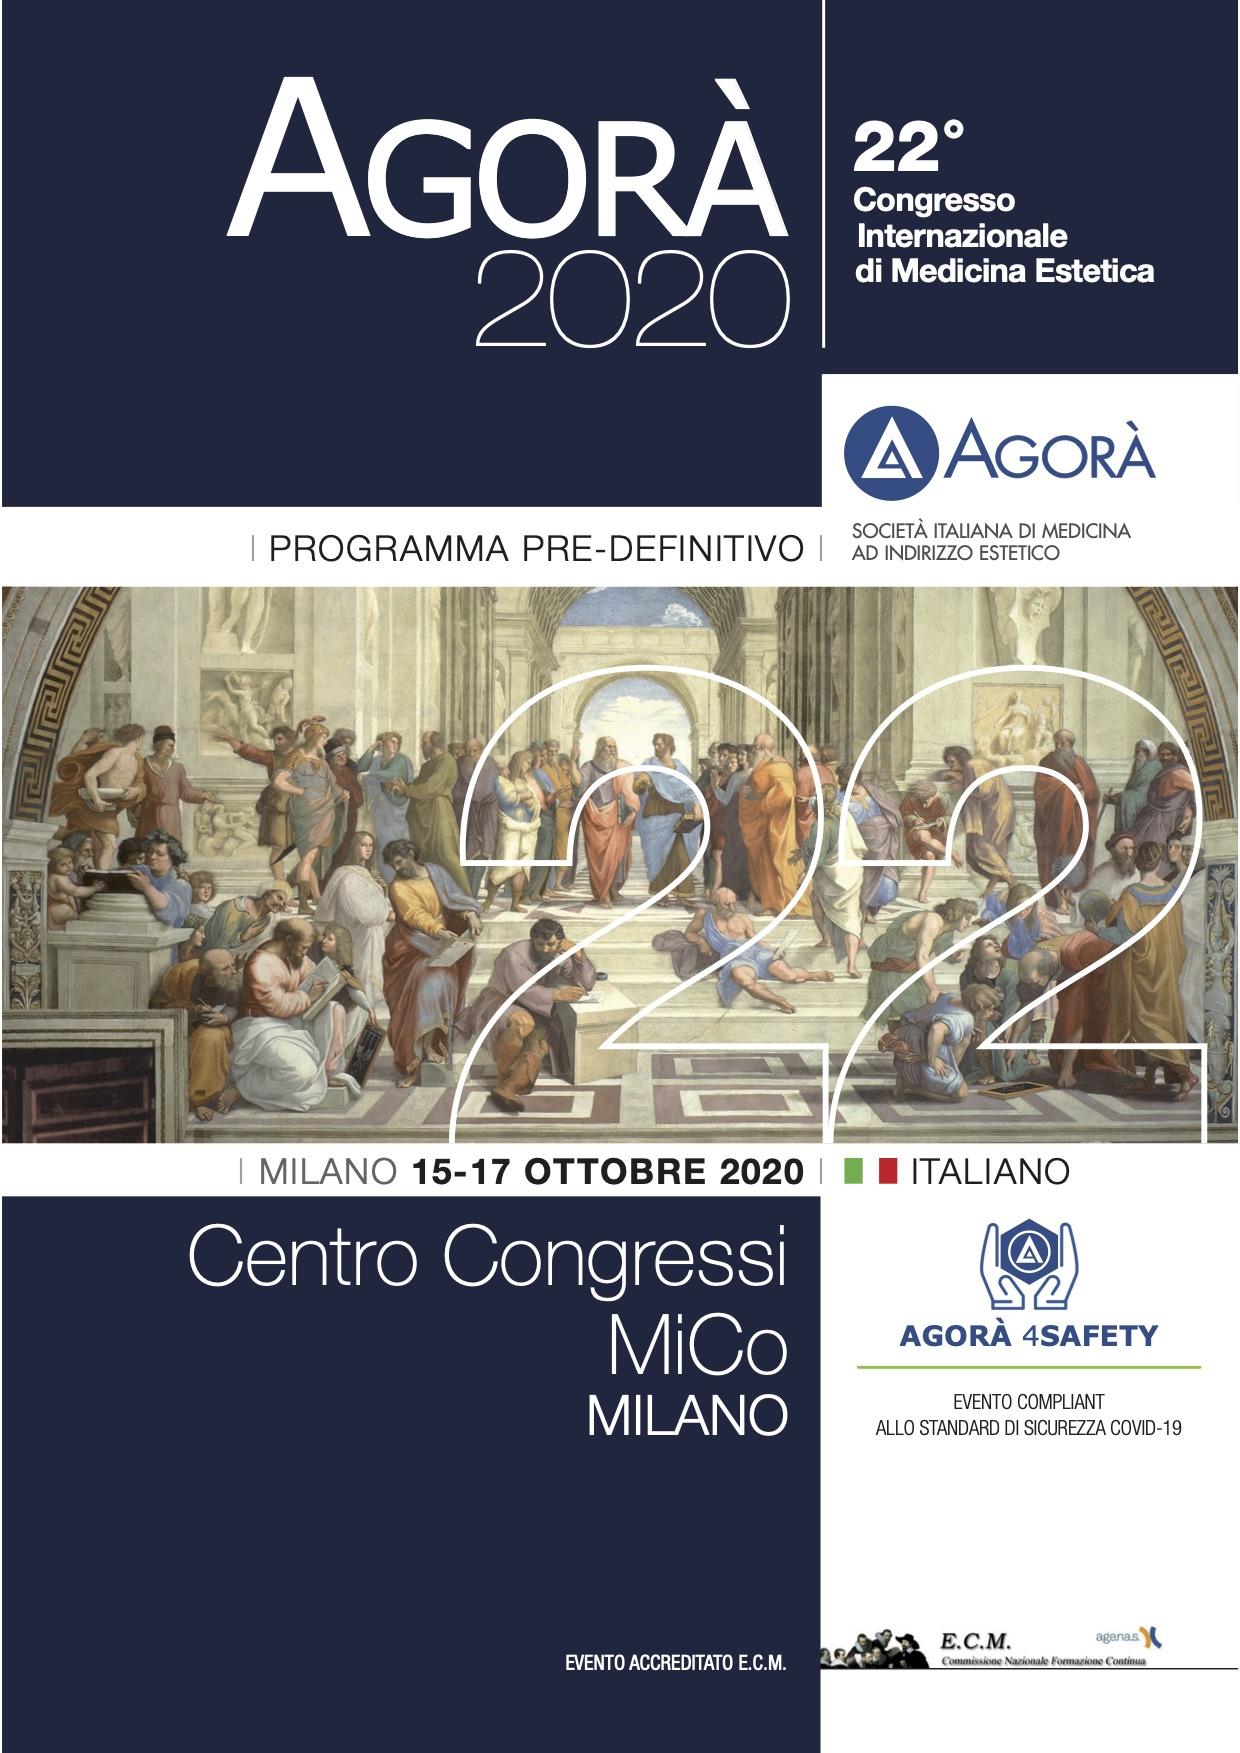 agorà program 2020